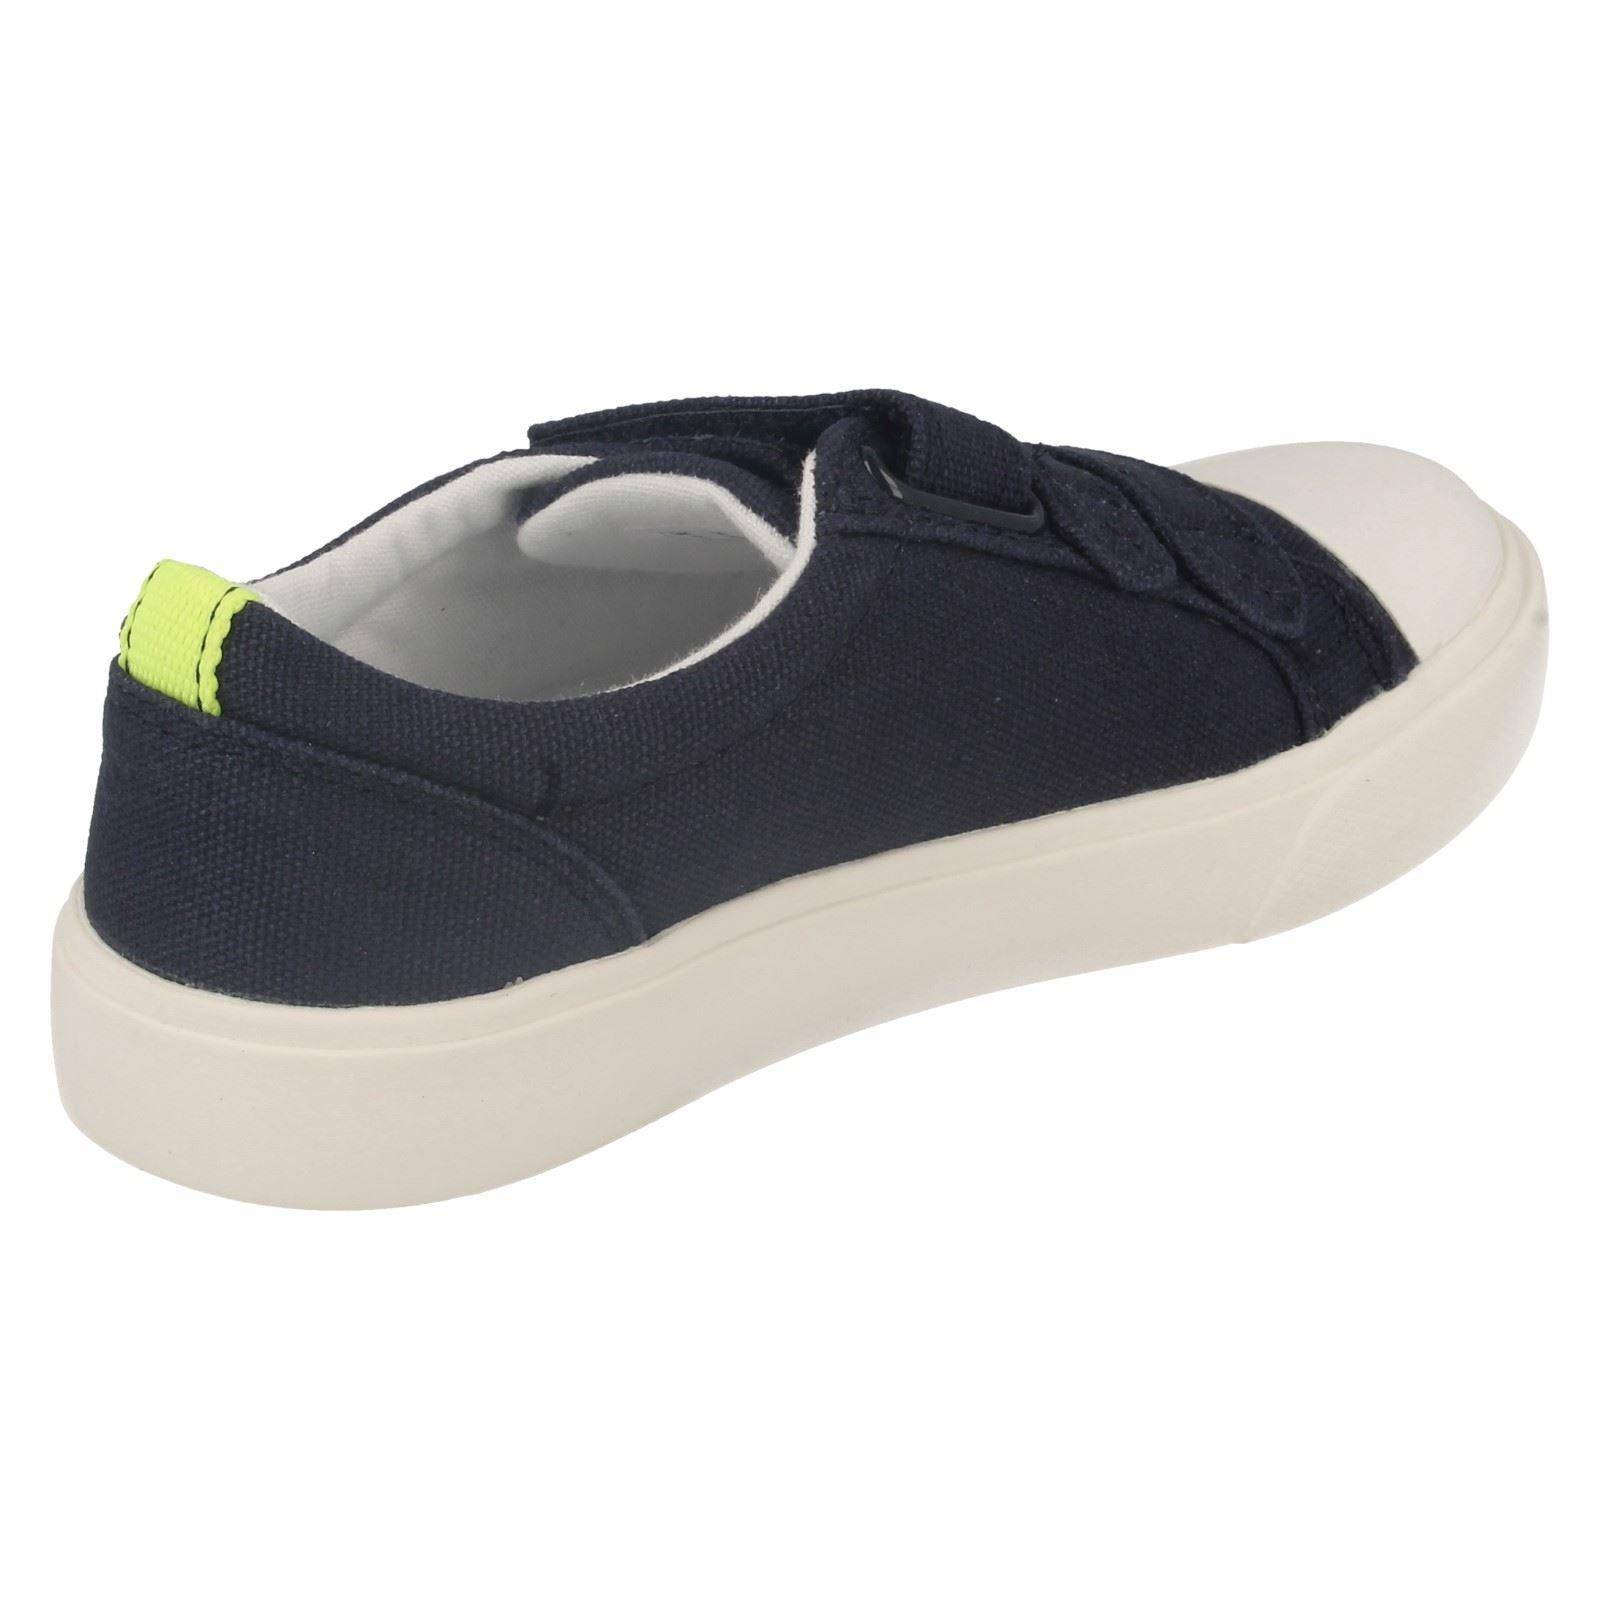 Boys Clarks Sasonal Canvas Summer Shoes Club Halcy